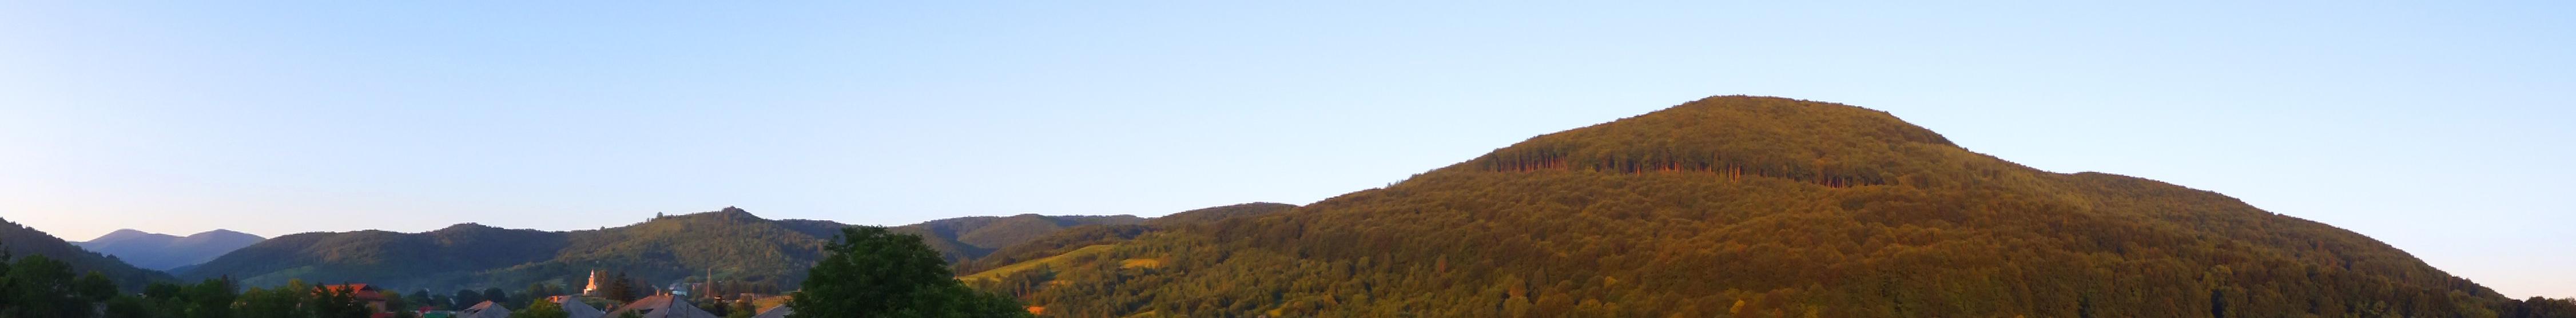 Карпаты, панорама